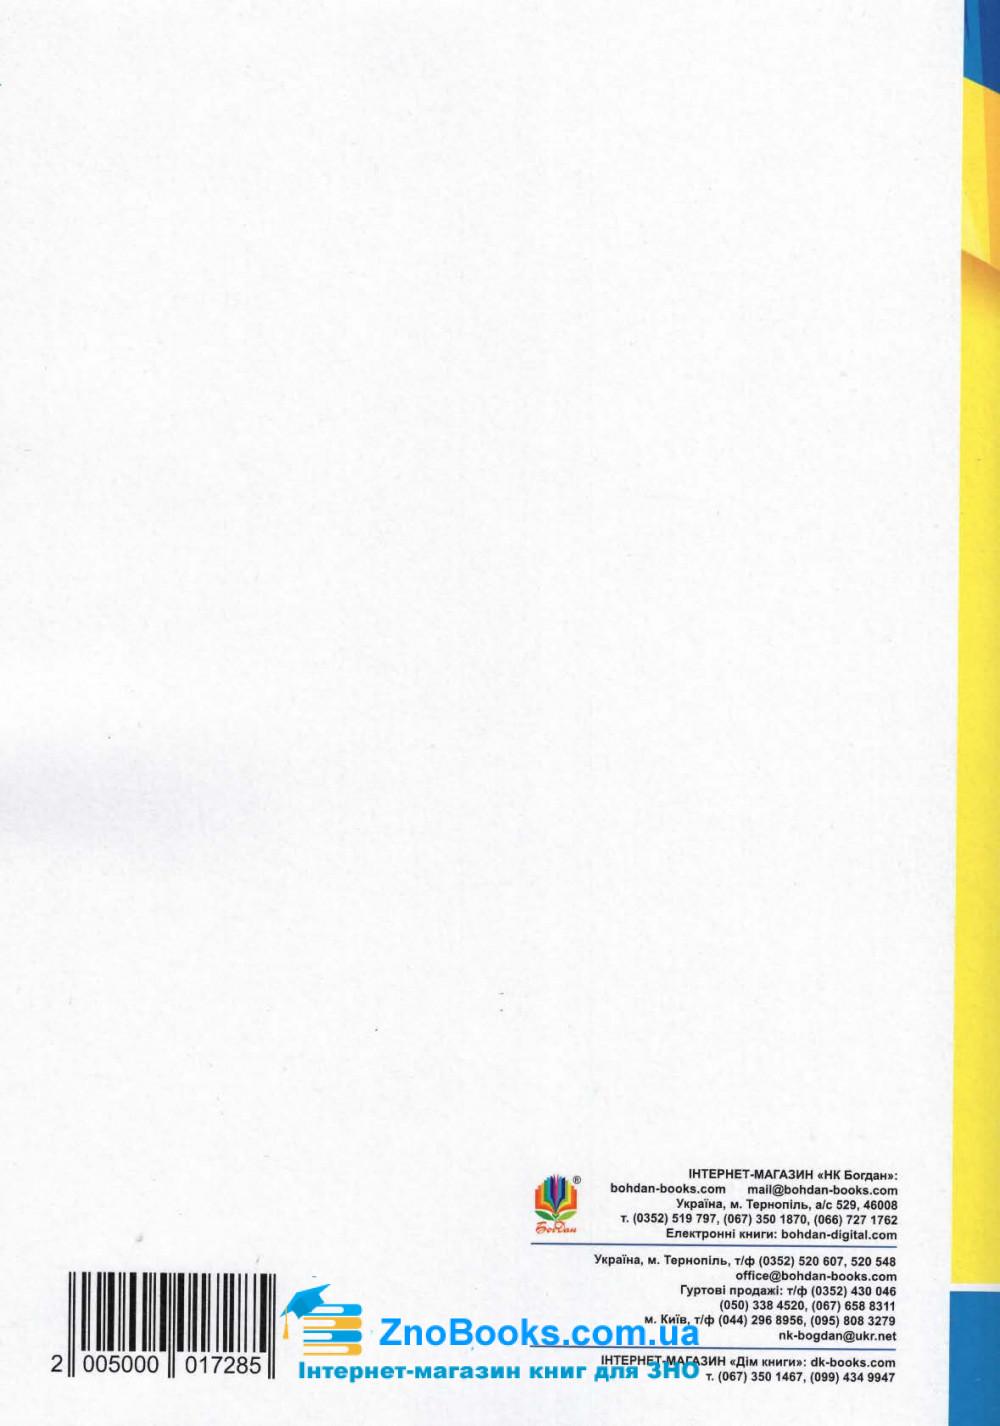 Німецька мова ЗНО 2022. Універсальне видання : теоретичний матеріал, граматичні вправи, тести : Смолій М., Матієв Р. Навчальна книга - Богдан. купити 15